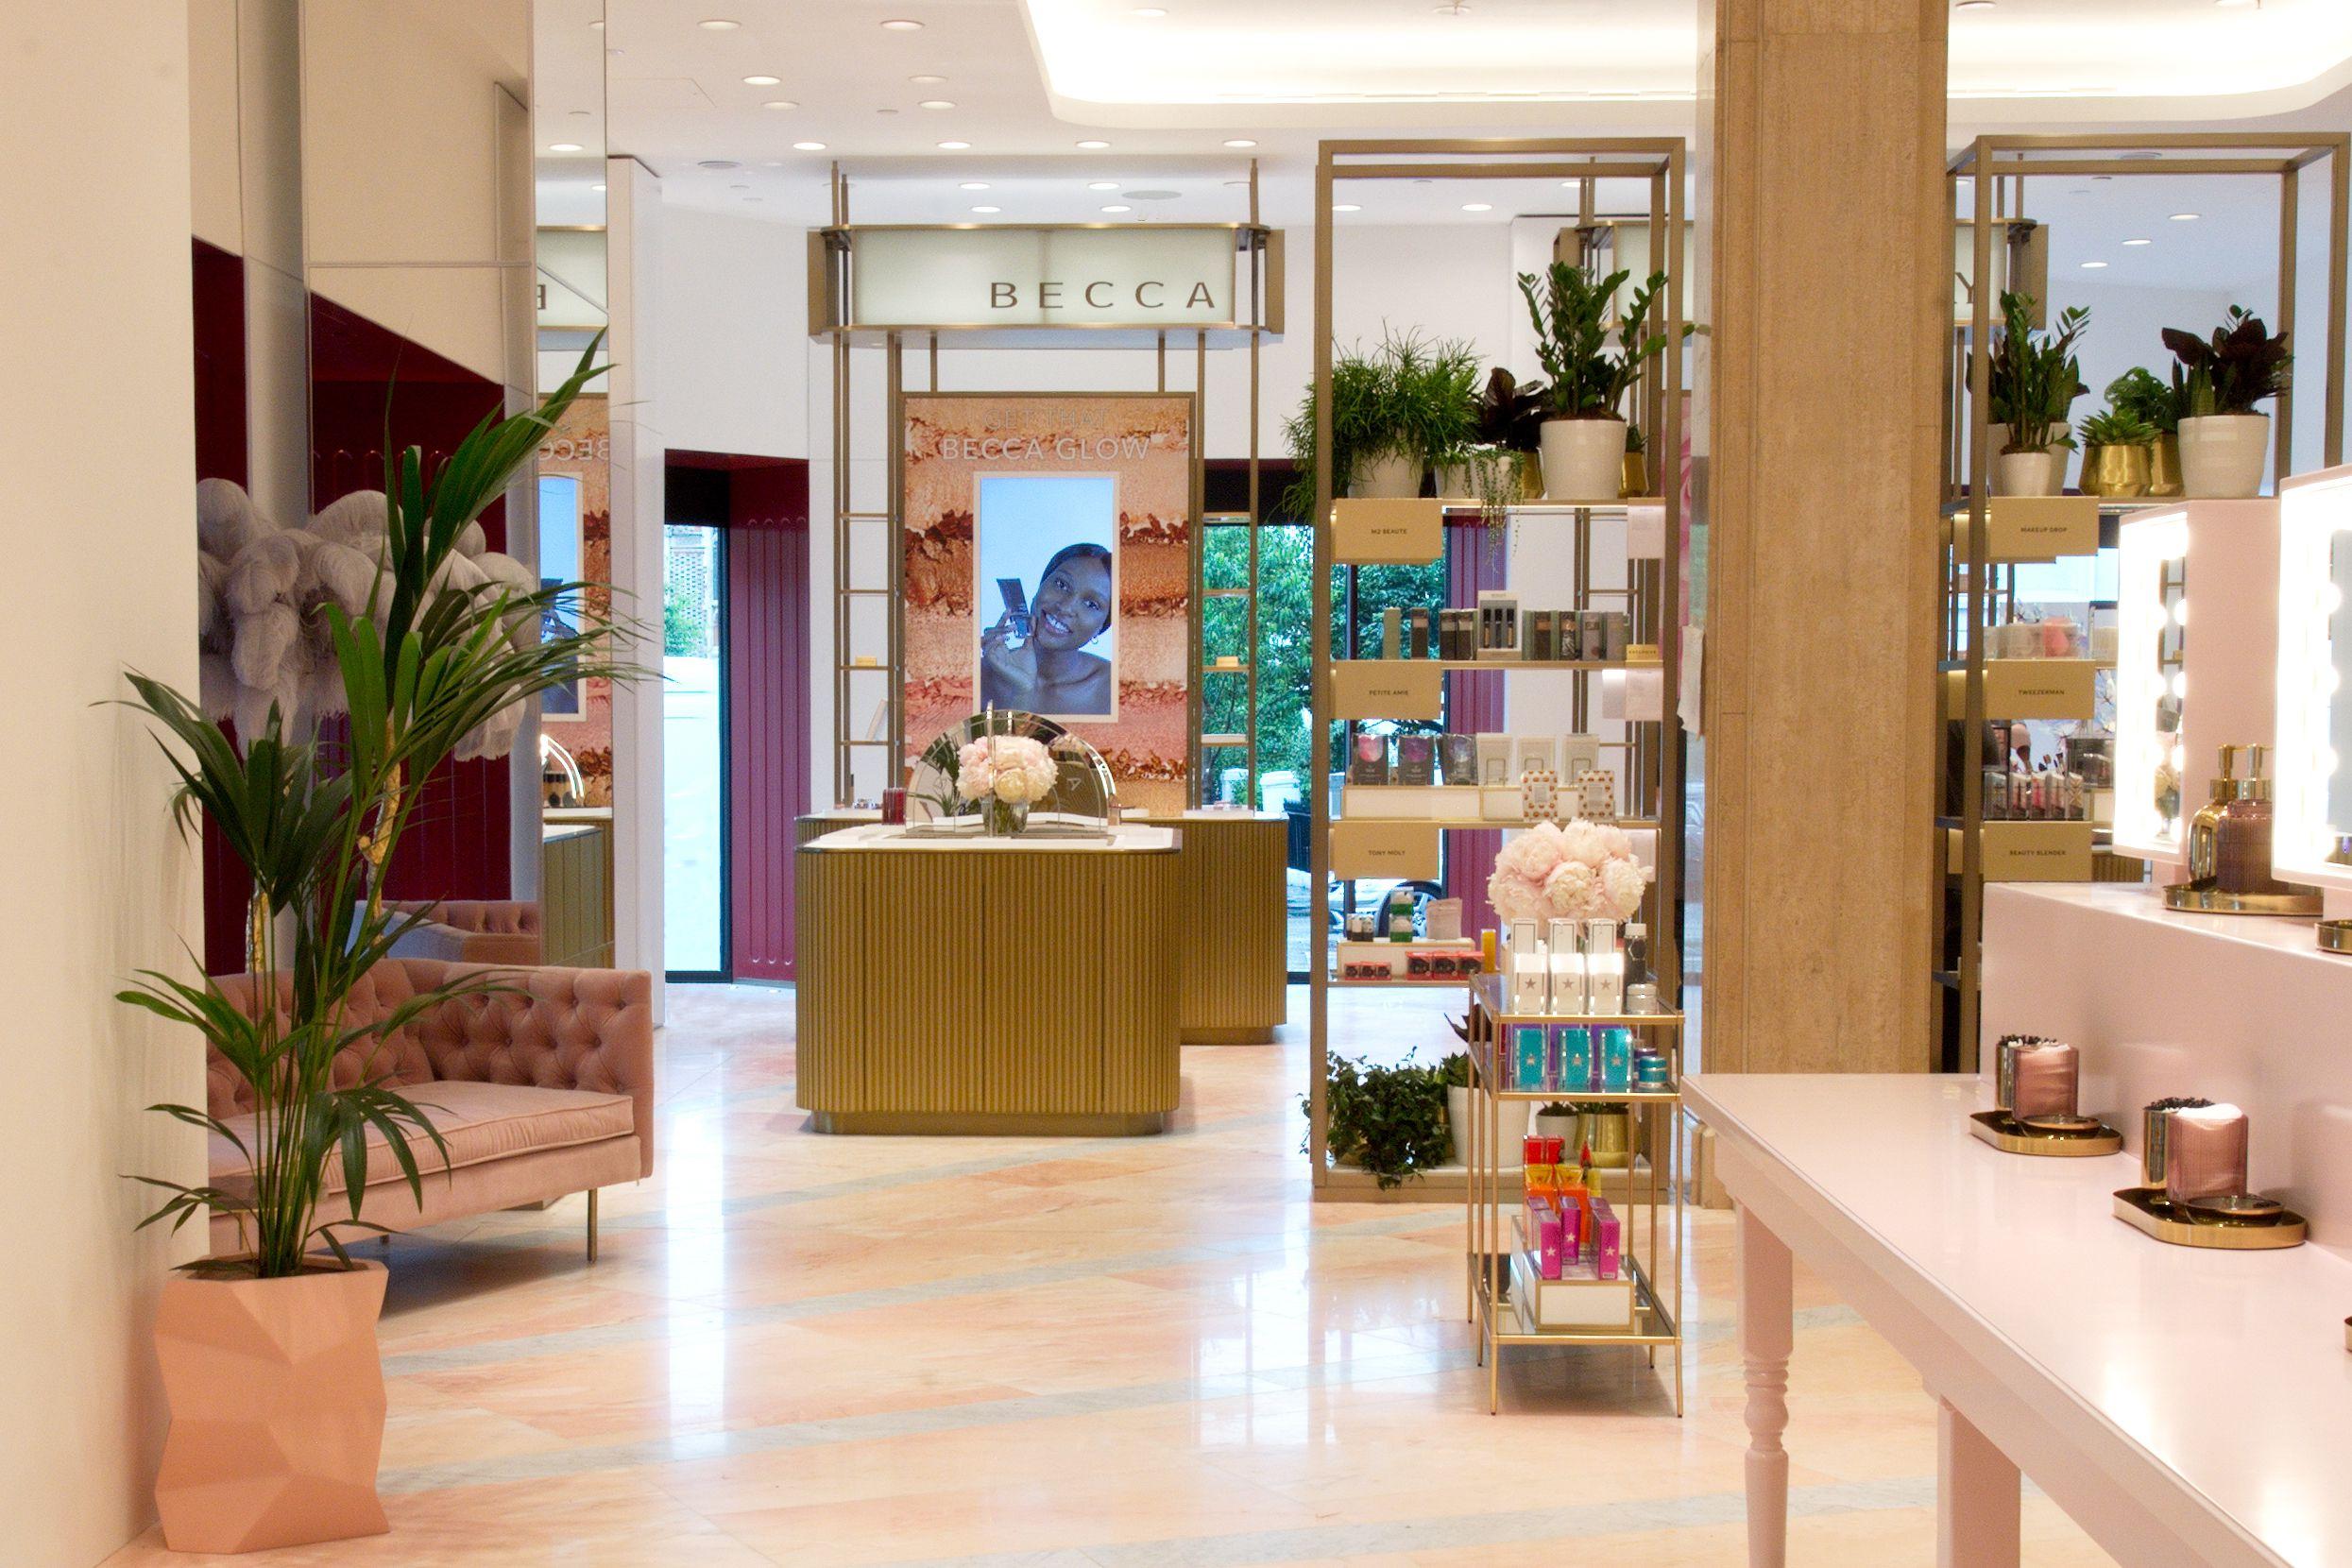 Harrods newly renovated Beauty Hall